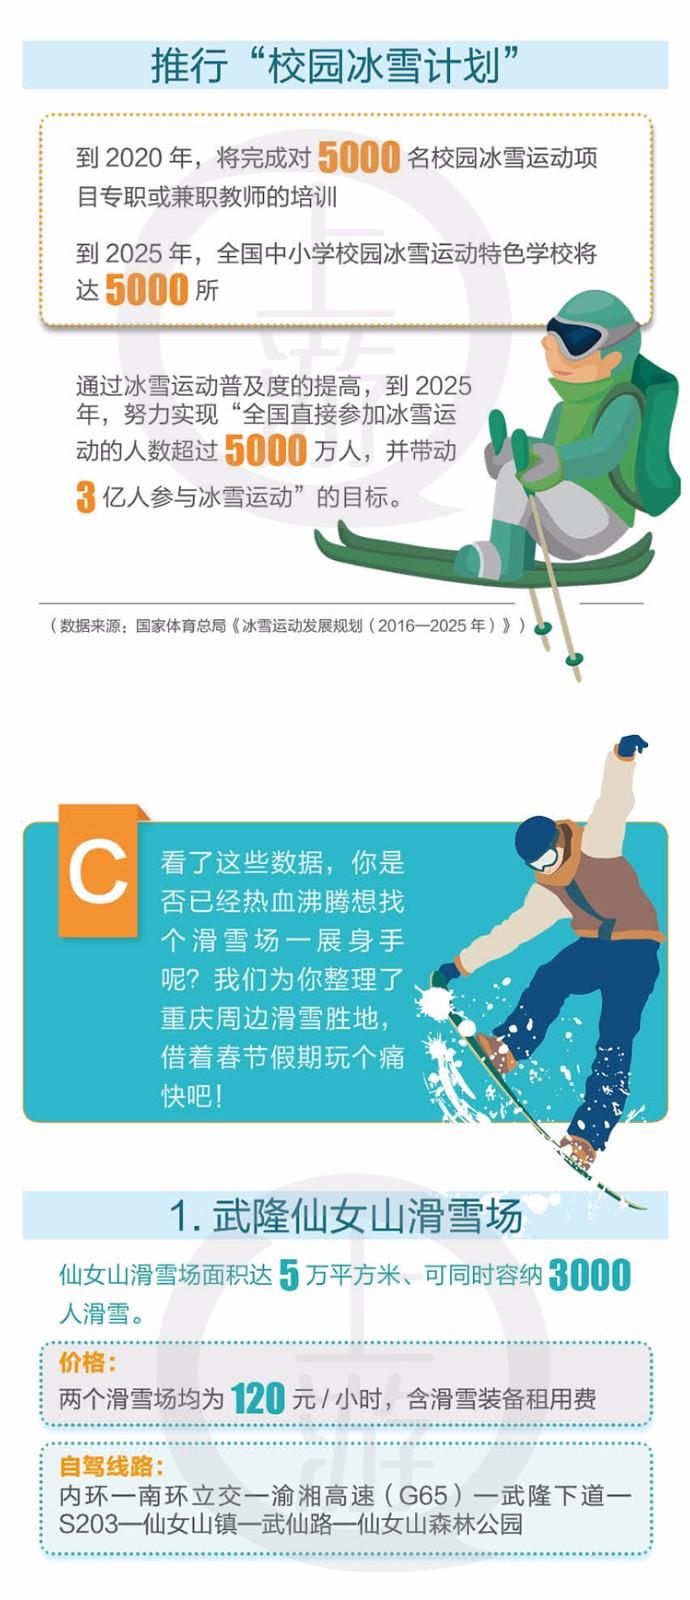 滑雪06.jpg